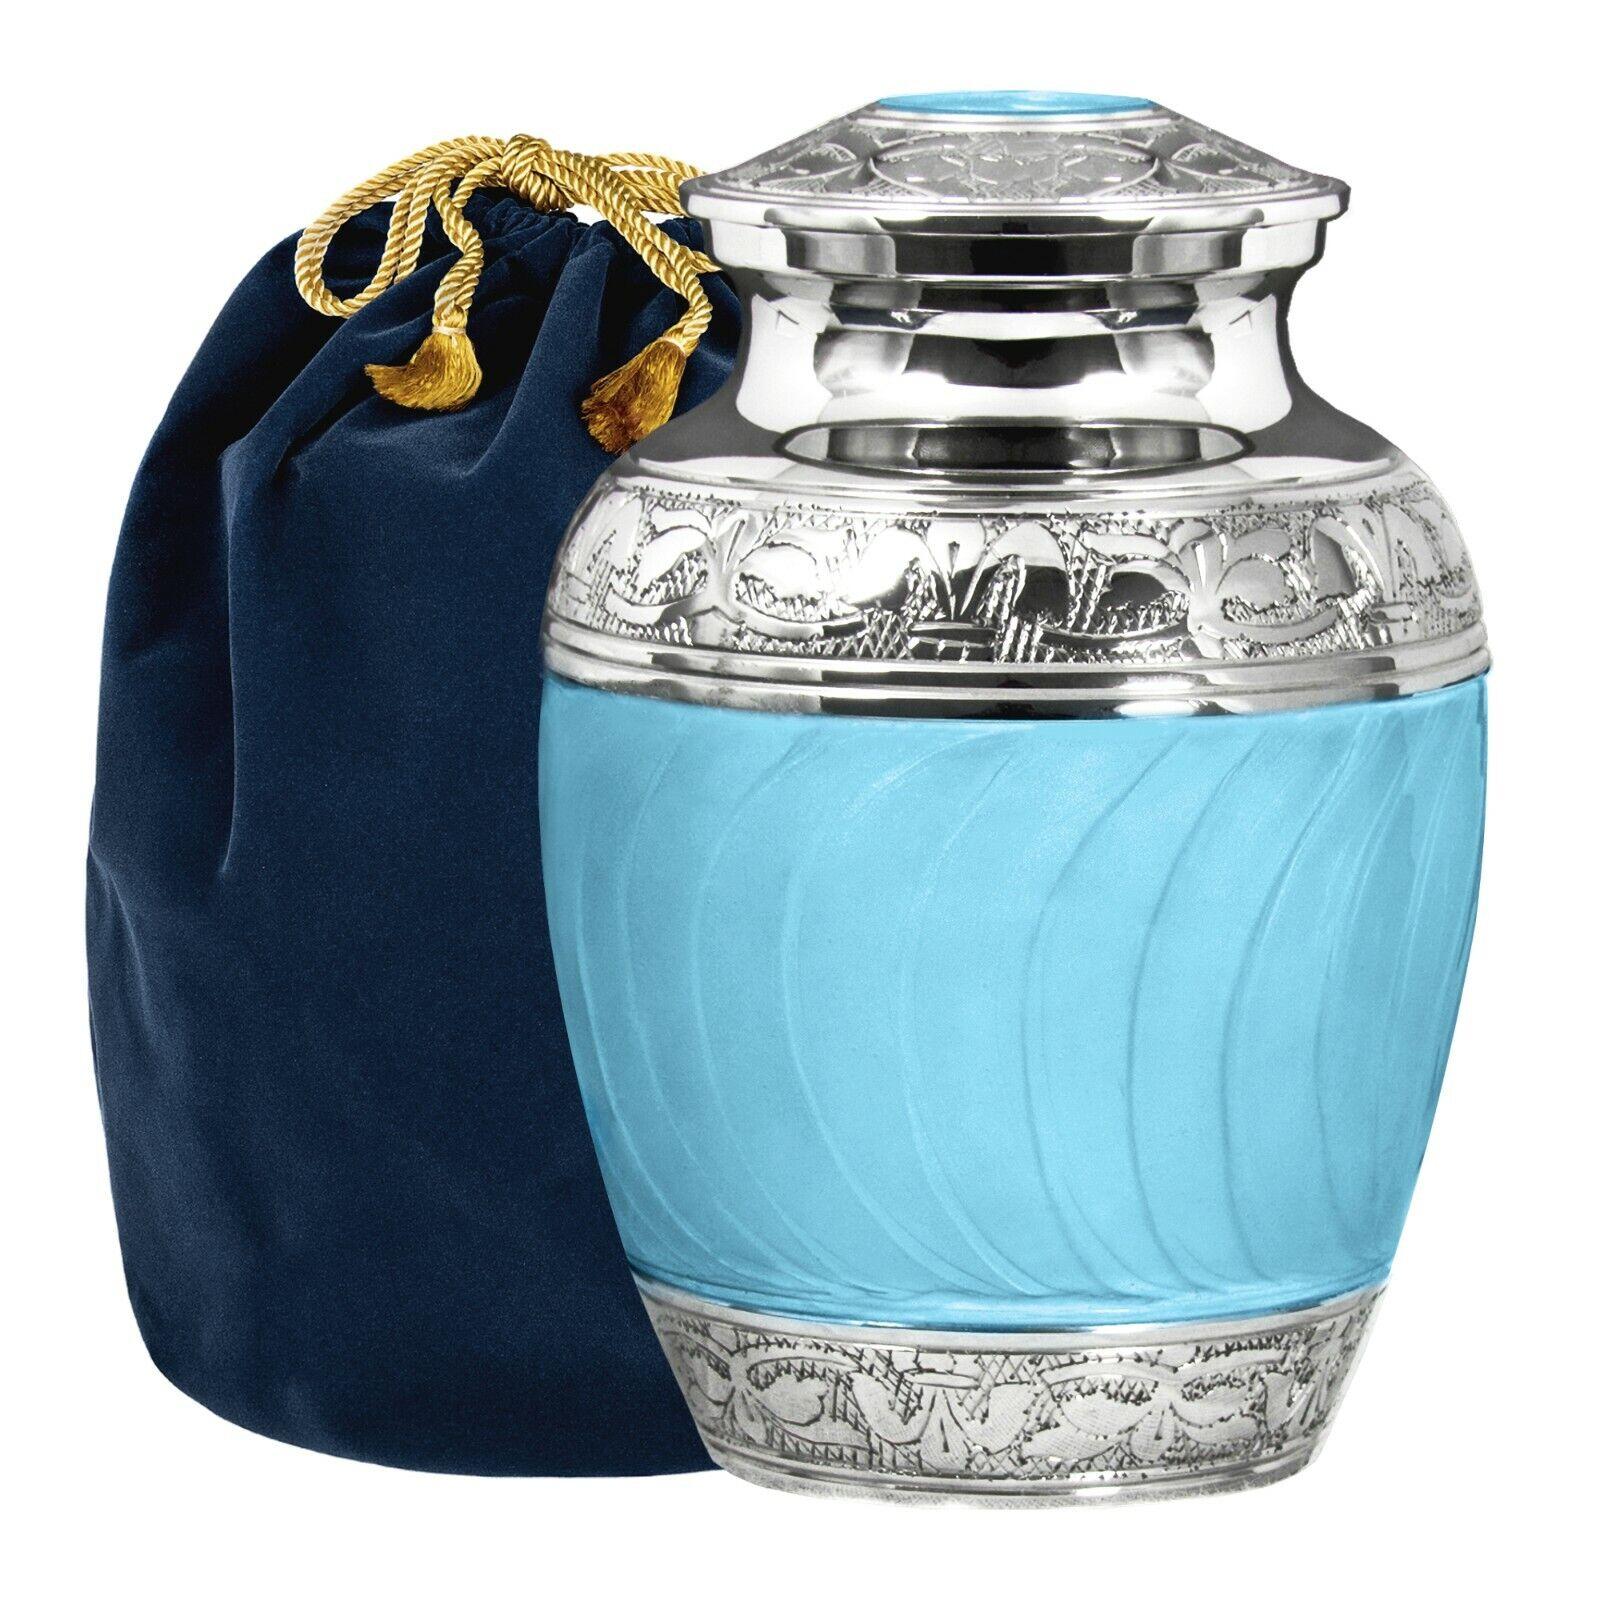 Abrazos y besos Elegante Luz Azul Niño urna para cenizas humanas-W Bolsa De Terciopelo